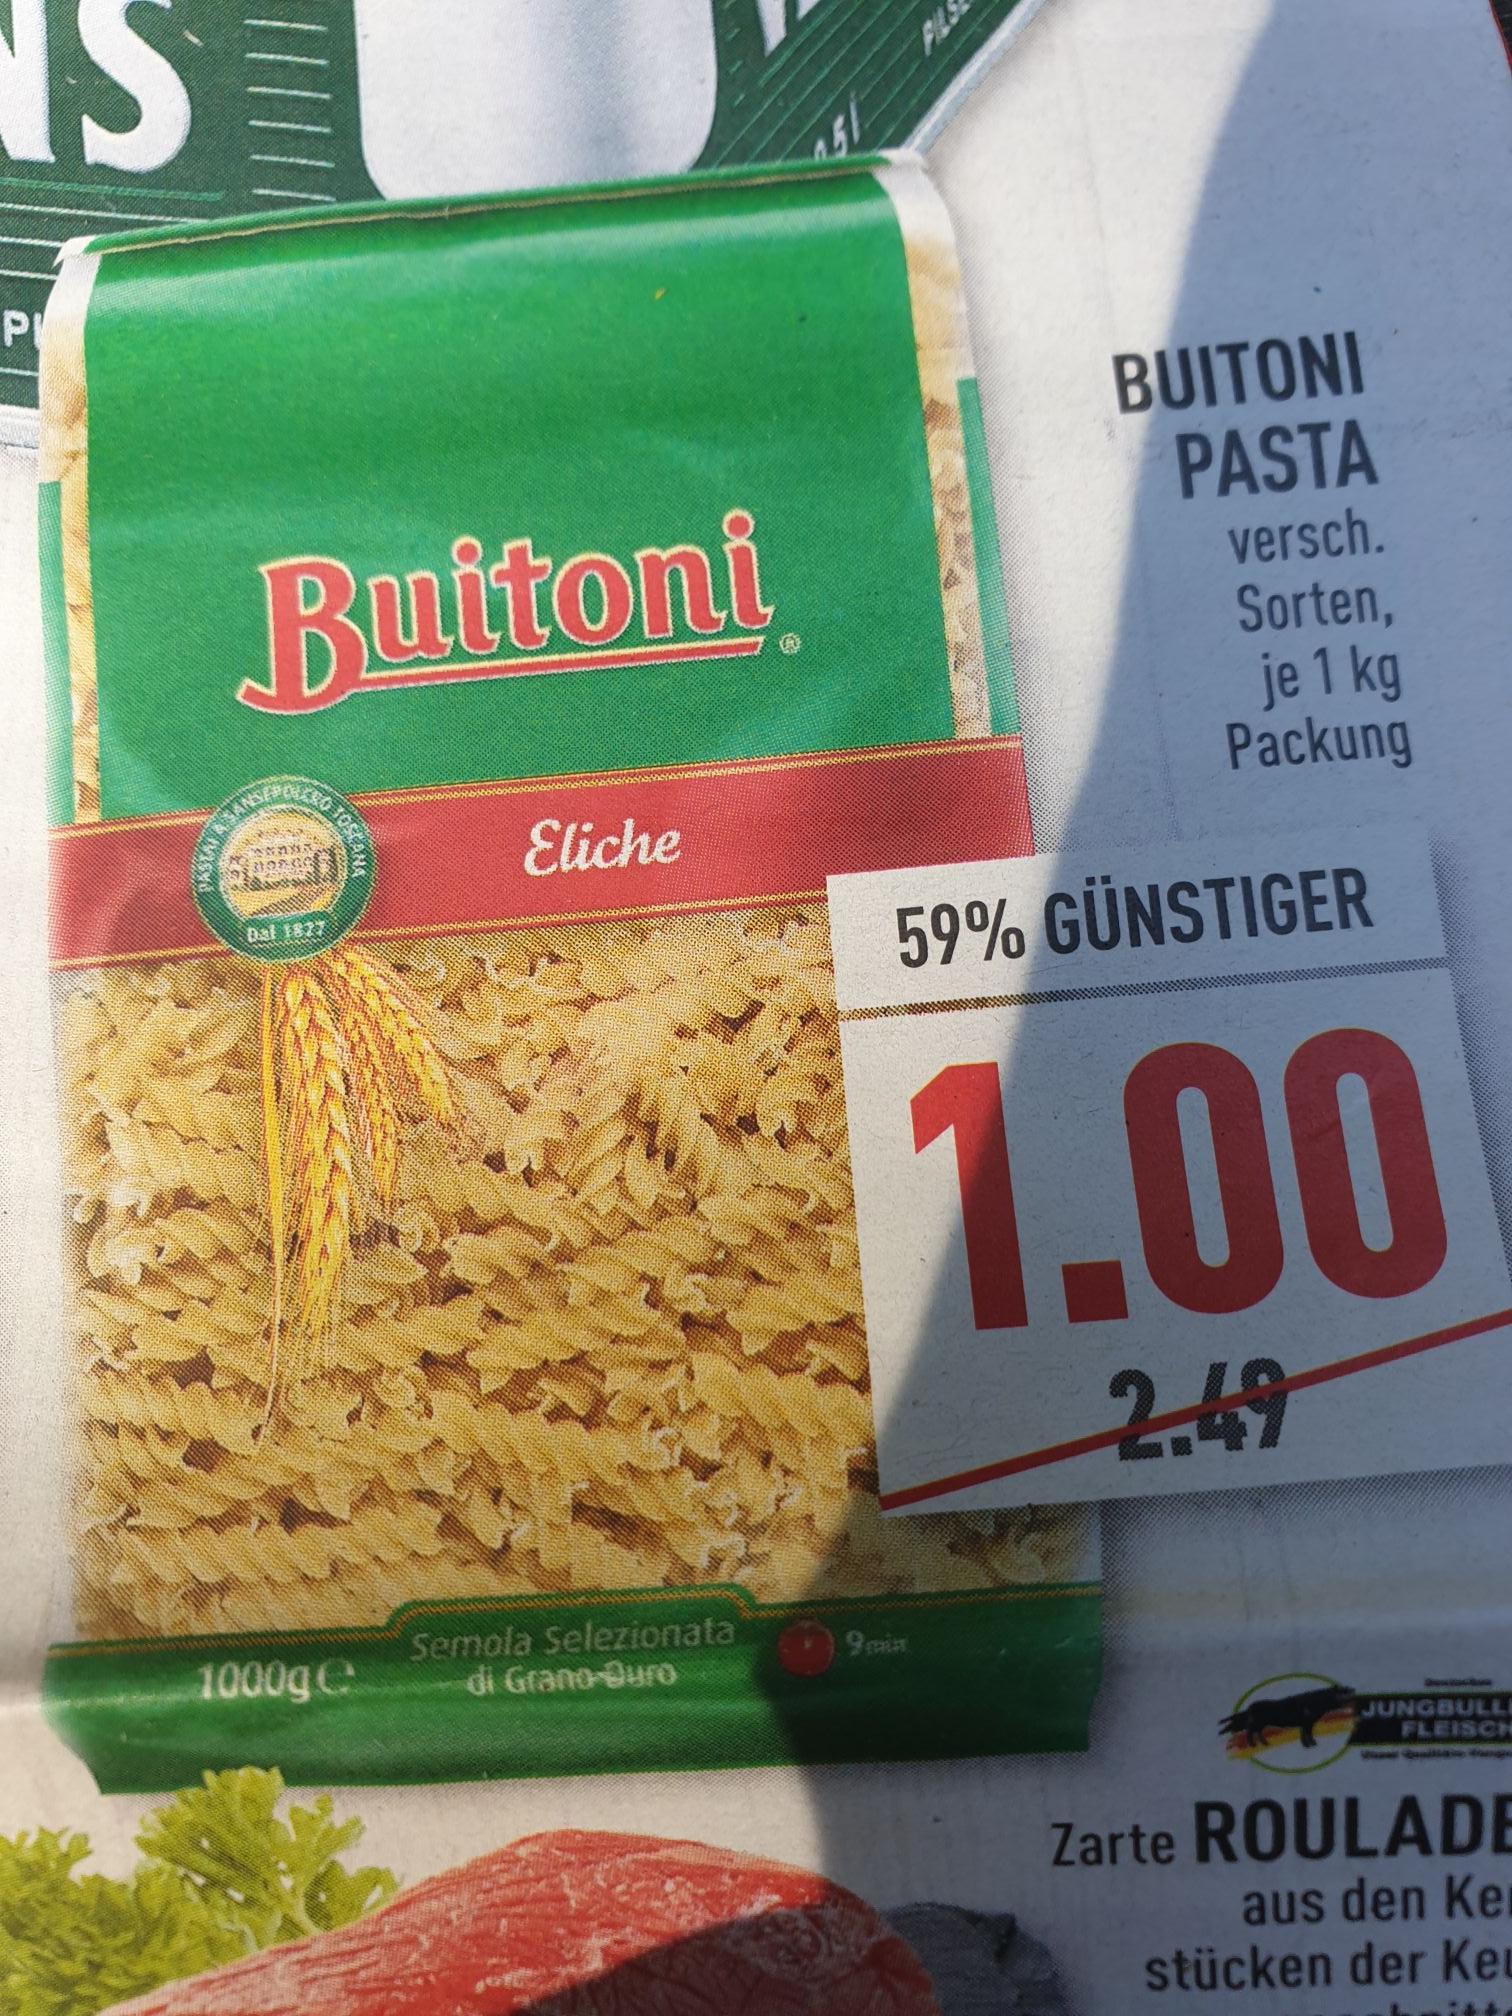 (Lokal Marktkauf NRW evtl. bundesweit) Buitoni Pasta 1kg nur 1,00€